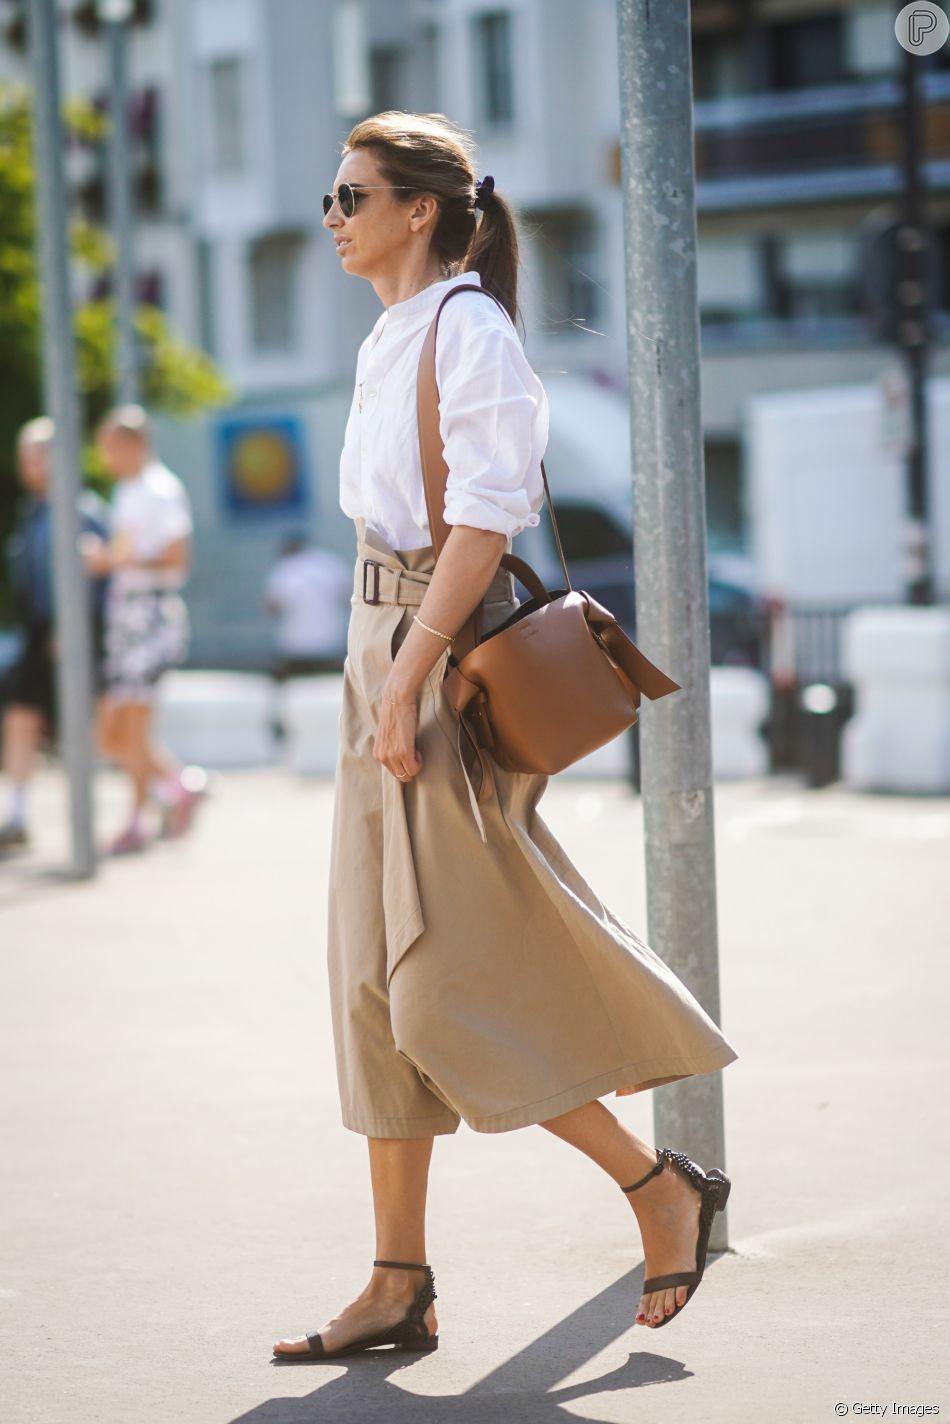 A sandália rasteira pode ser chique, como neste look que mistura ...